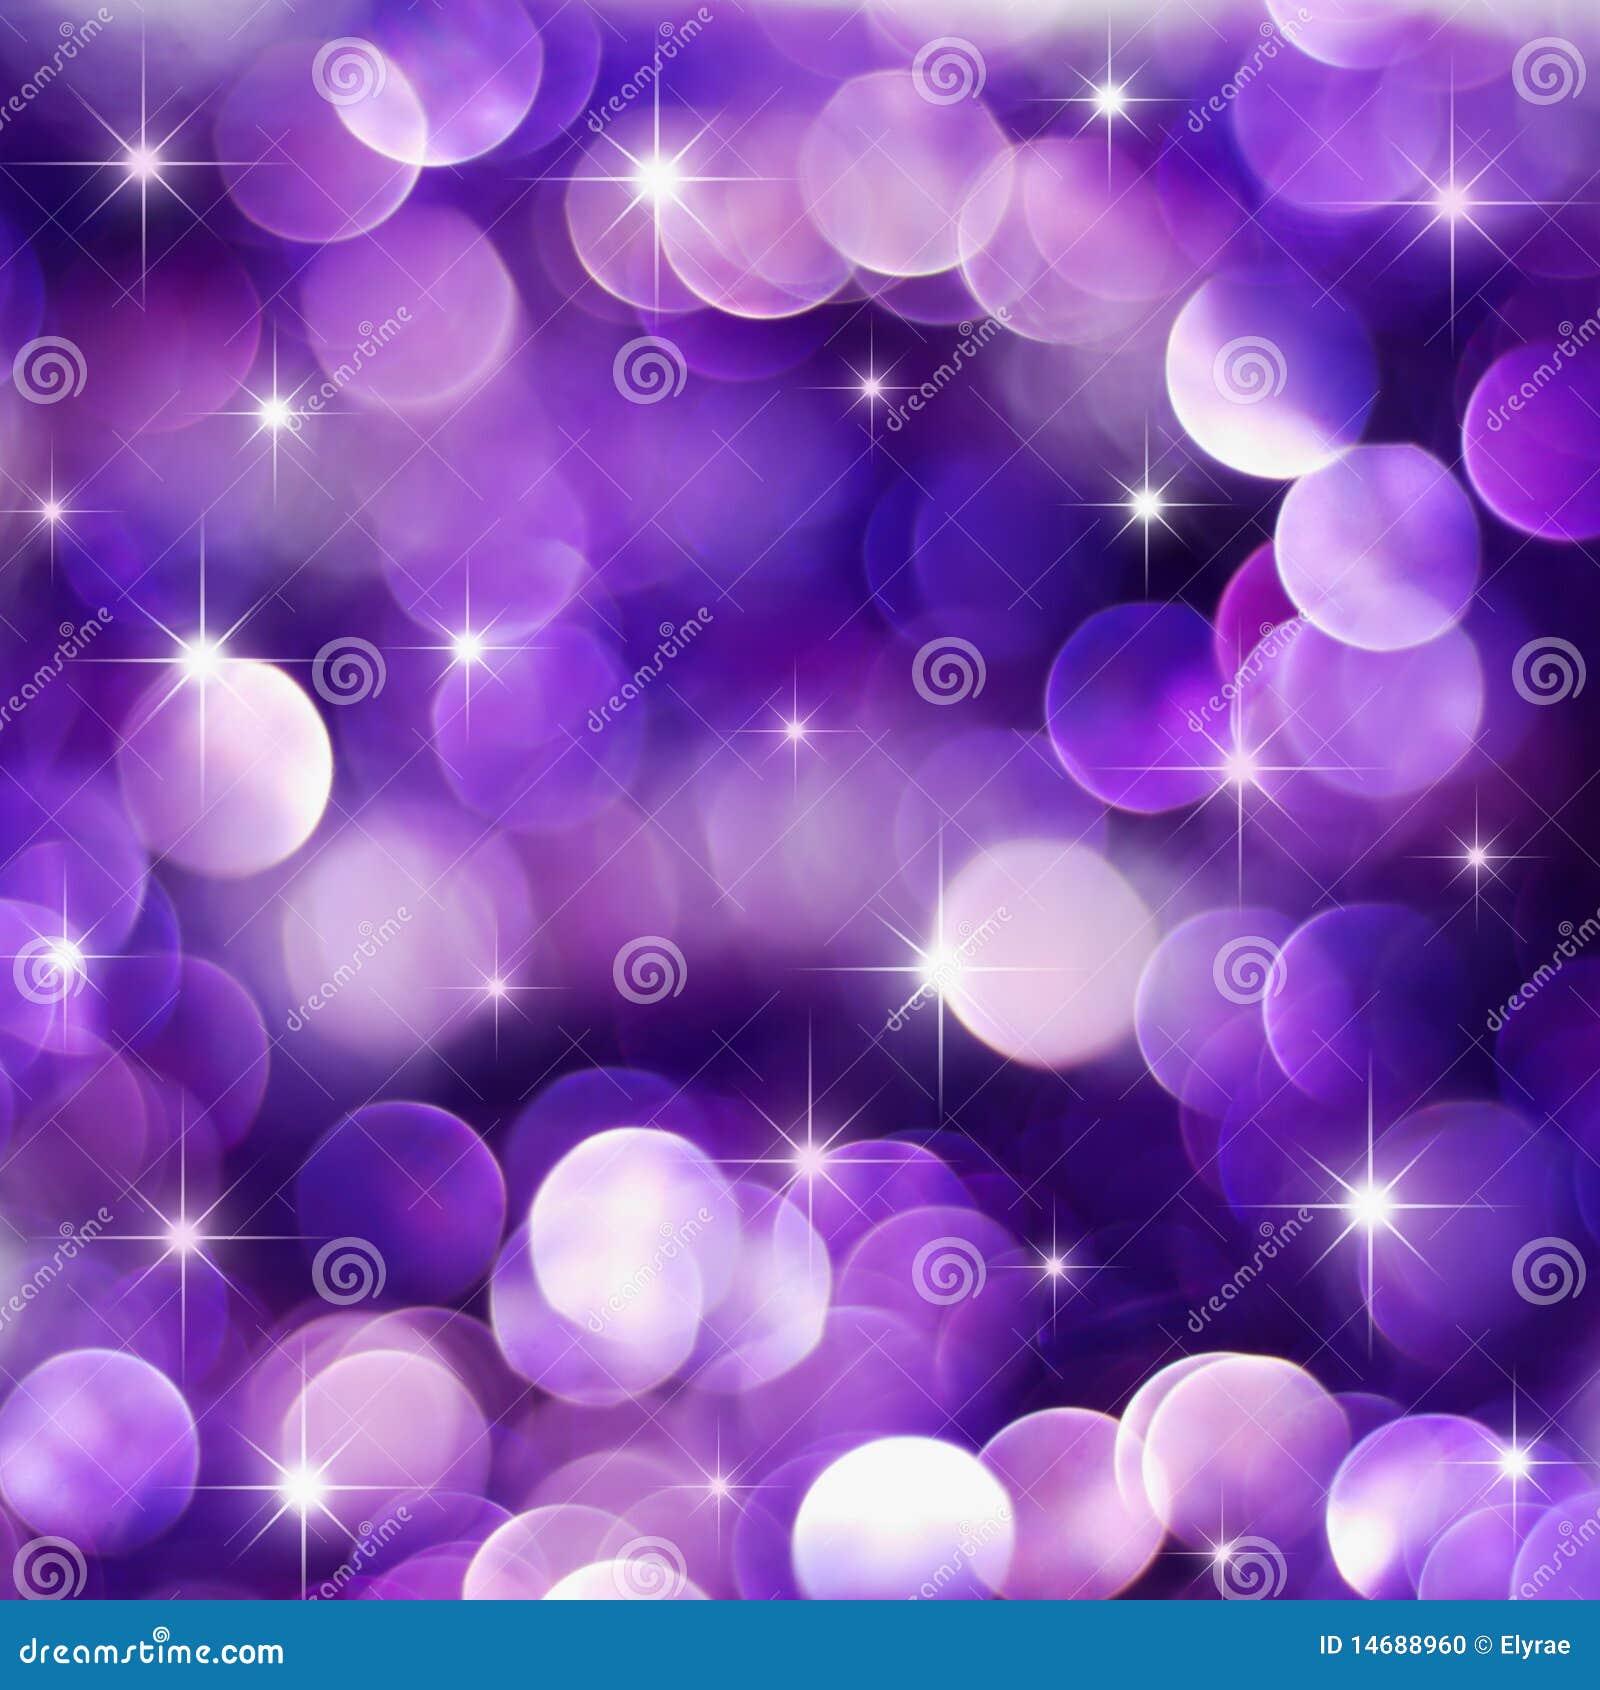 Purple holiday lights